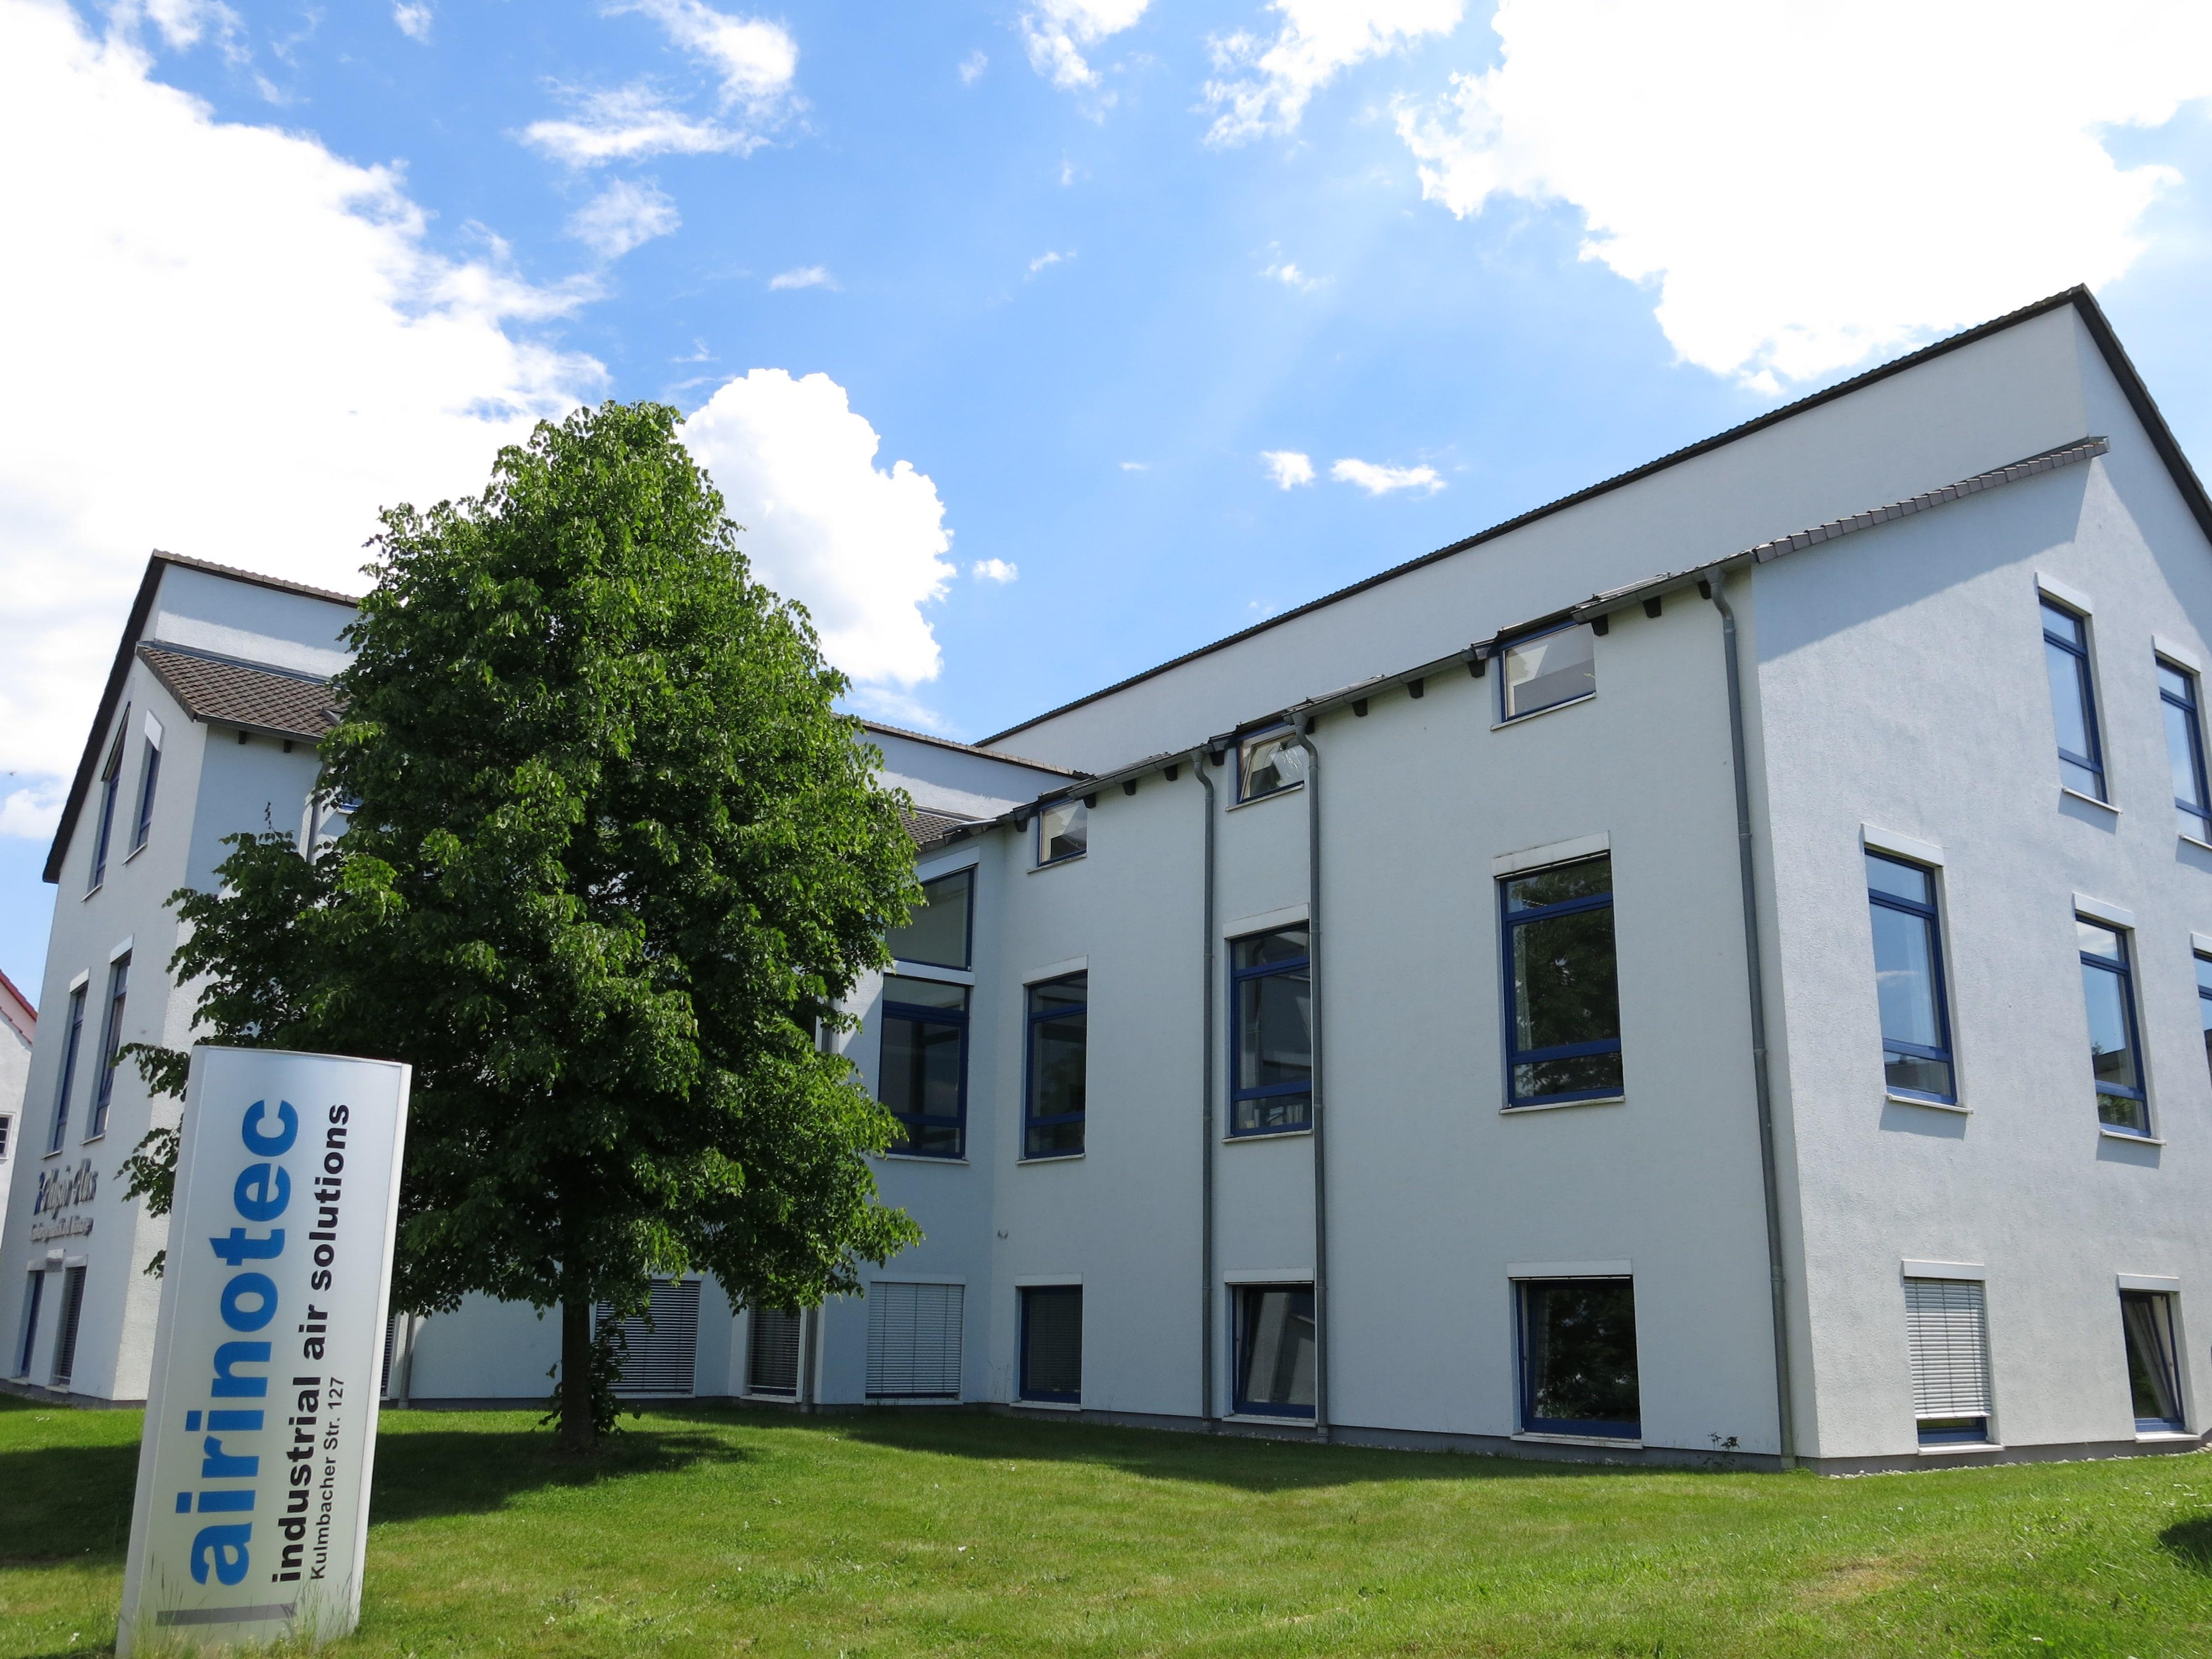 Firmensitz in der Kulmbacher Straße